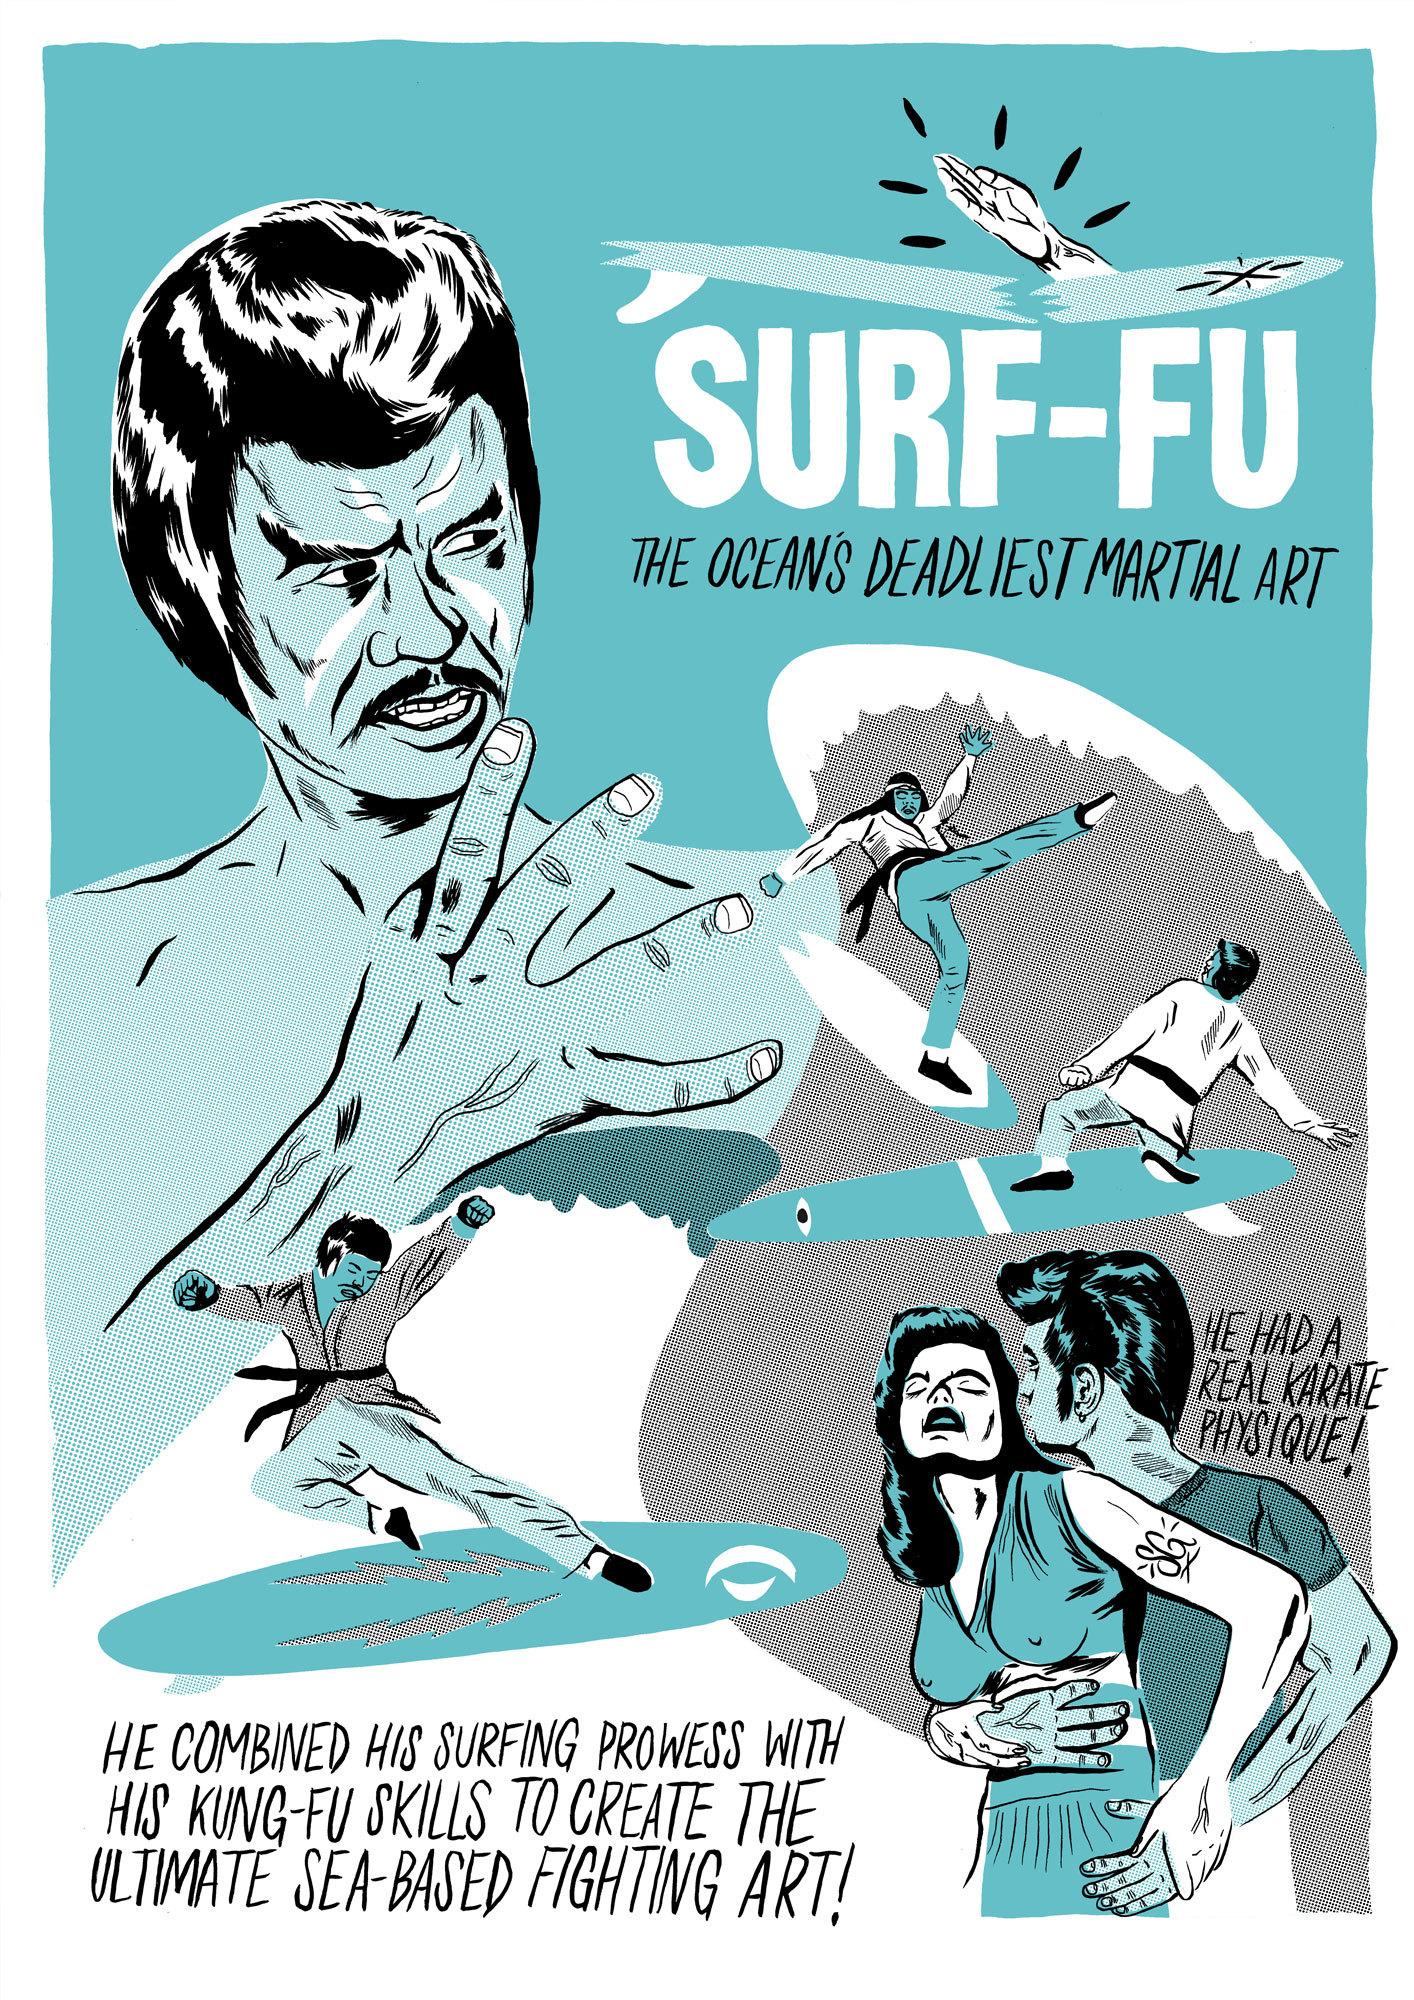 STEVIE_GEE_SURF_FU_160602_165743.jpg